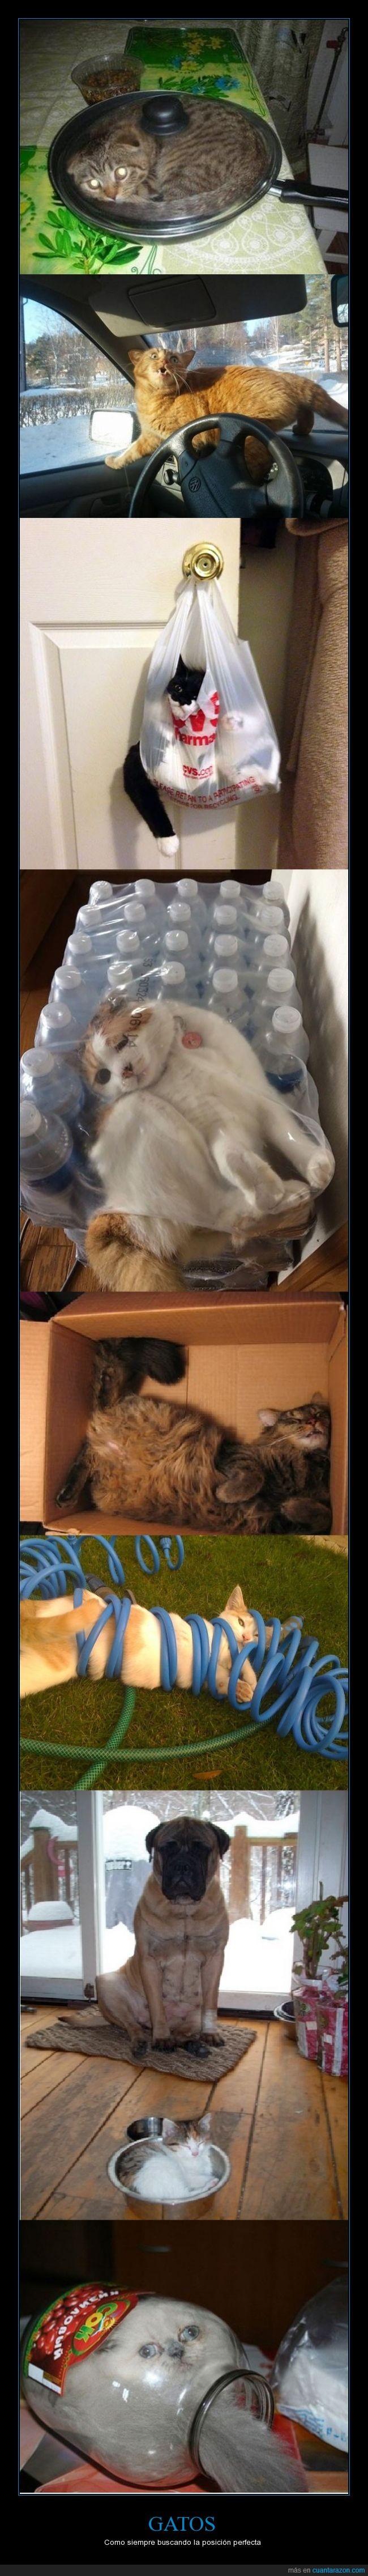 gato,incomodo,posición dormir,sarten